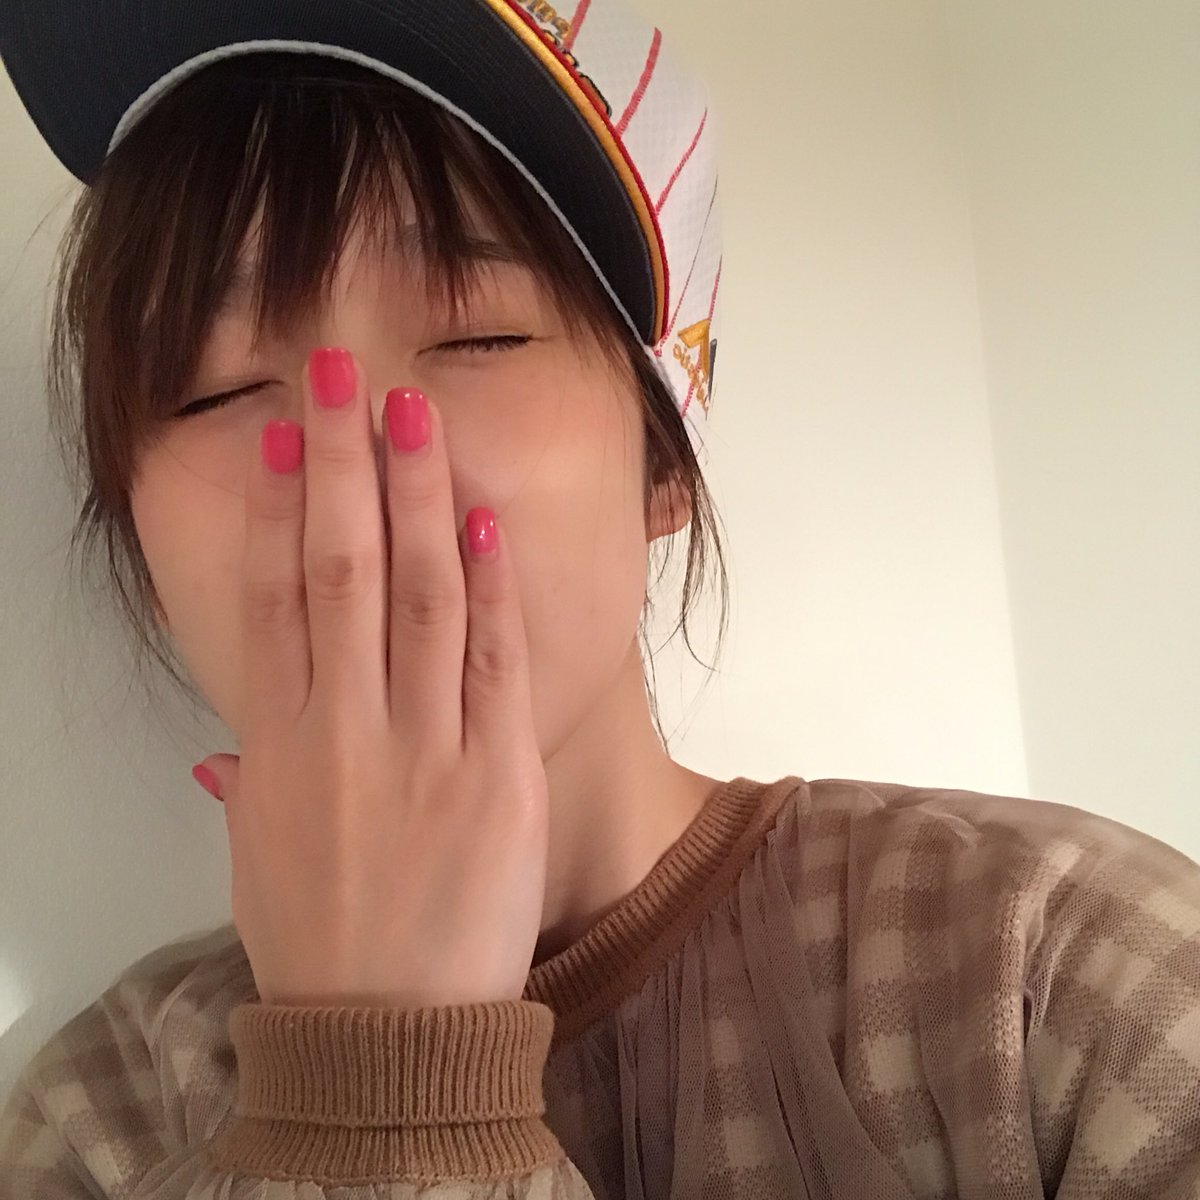 クリスマスバースデーのふりかえり!まずは。松田選手、本当にありがとうございました…!!ステージ上でただのホークスファンの顔になりました☺️!!!しあわせー!💕ホークスファンの人の嬉しそうな写真があったので貼りますね! pic.twitter.com/bkgHSlvCy1